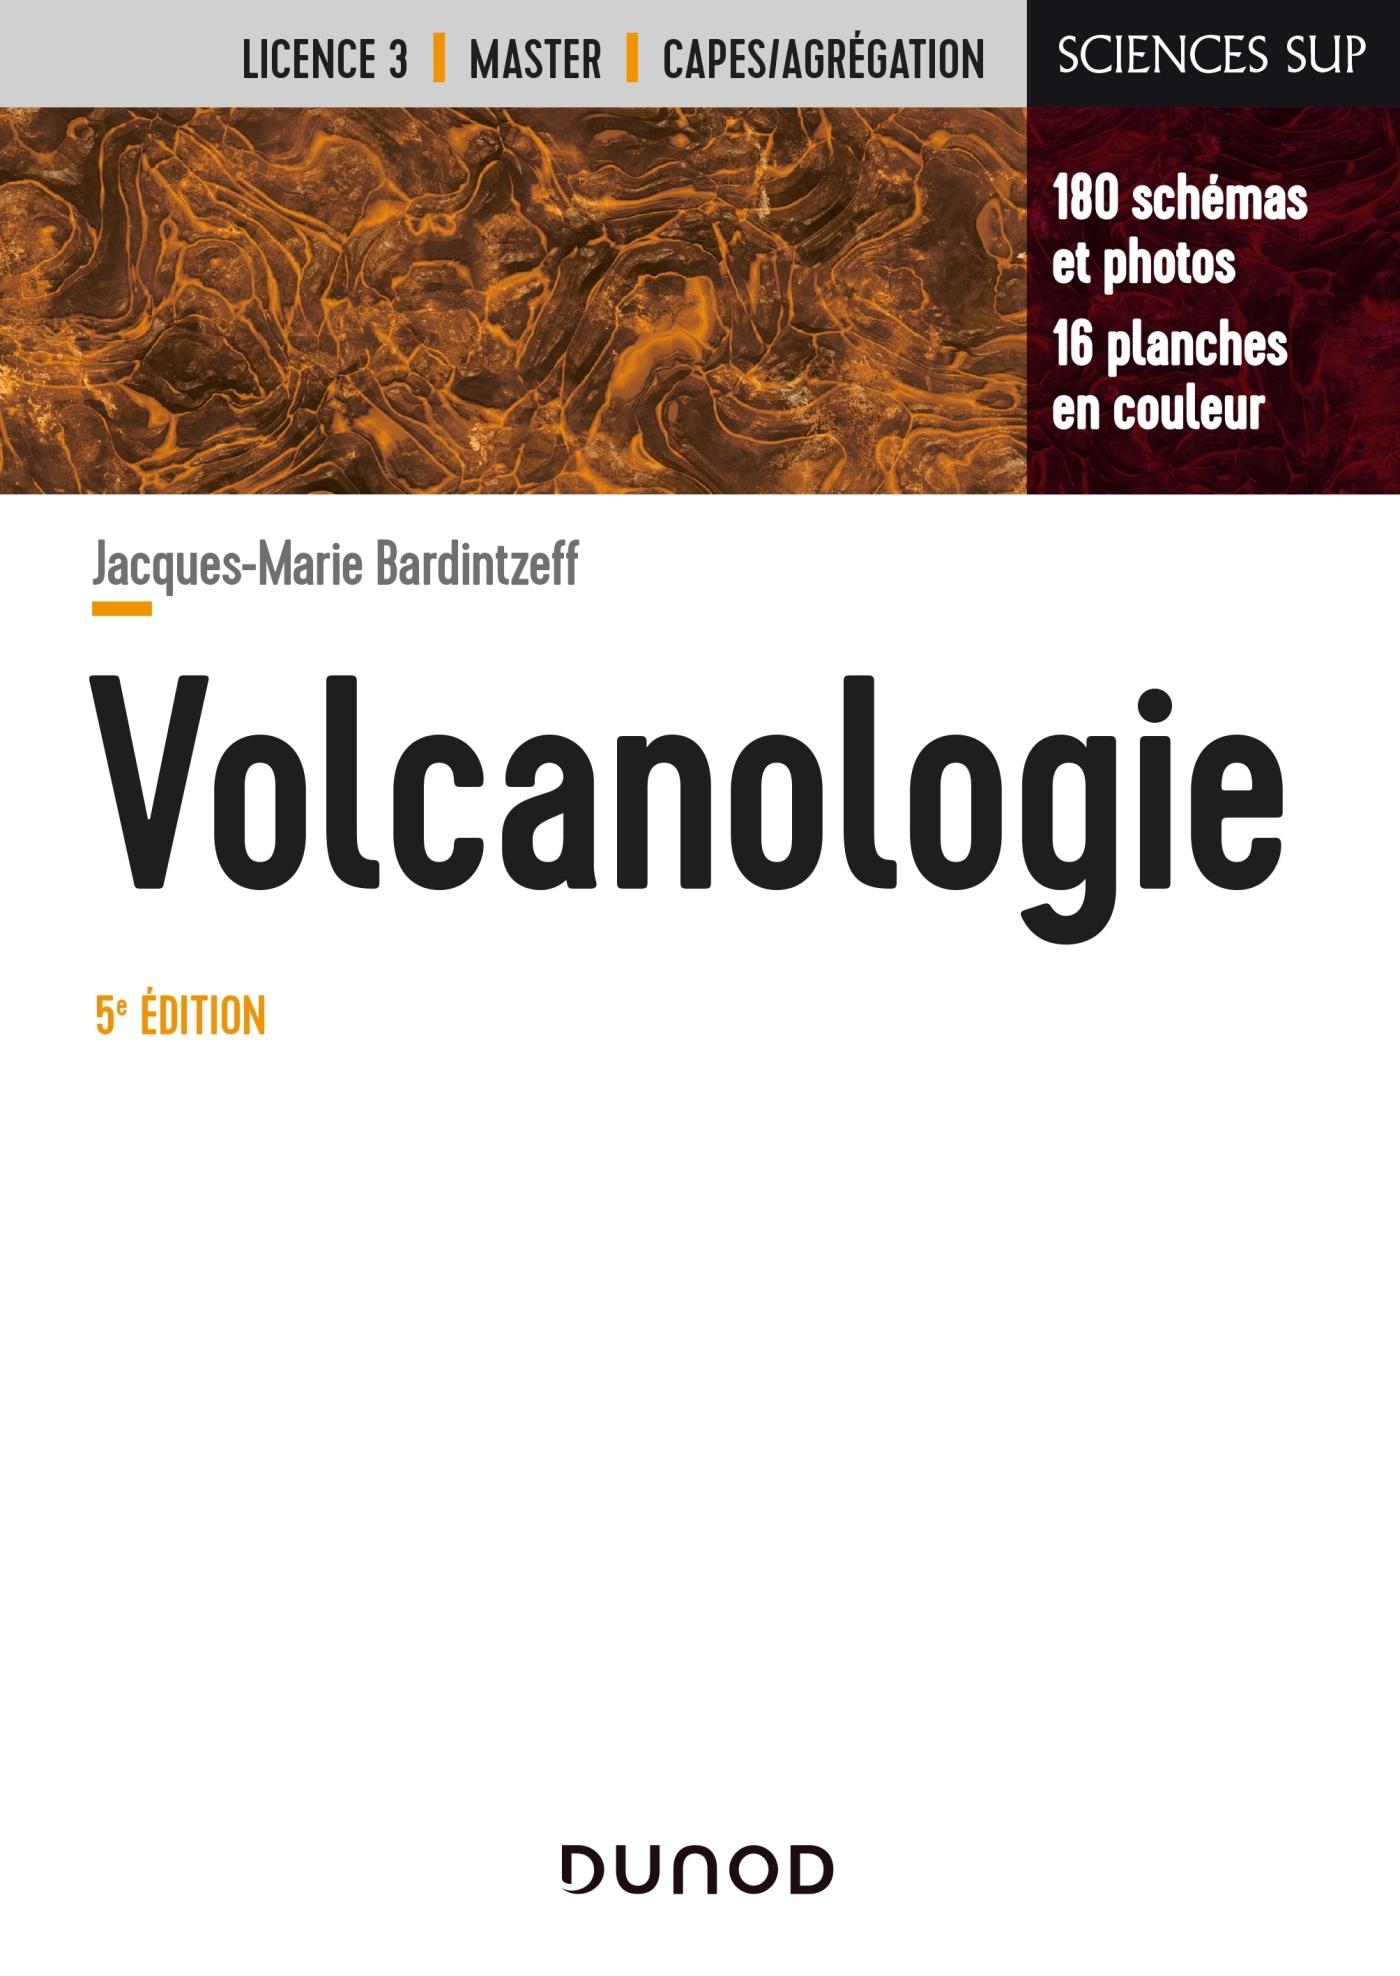 VOLCANOLOGIE - 5E ED.